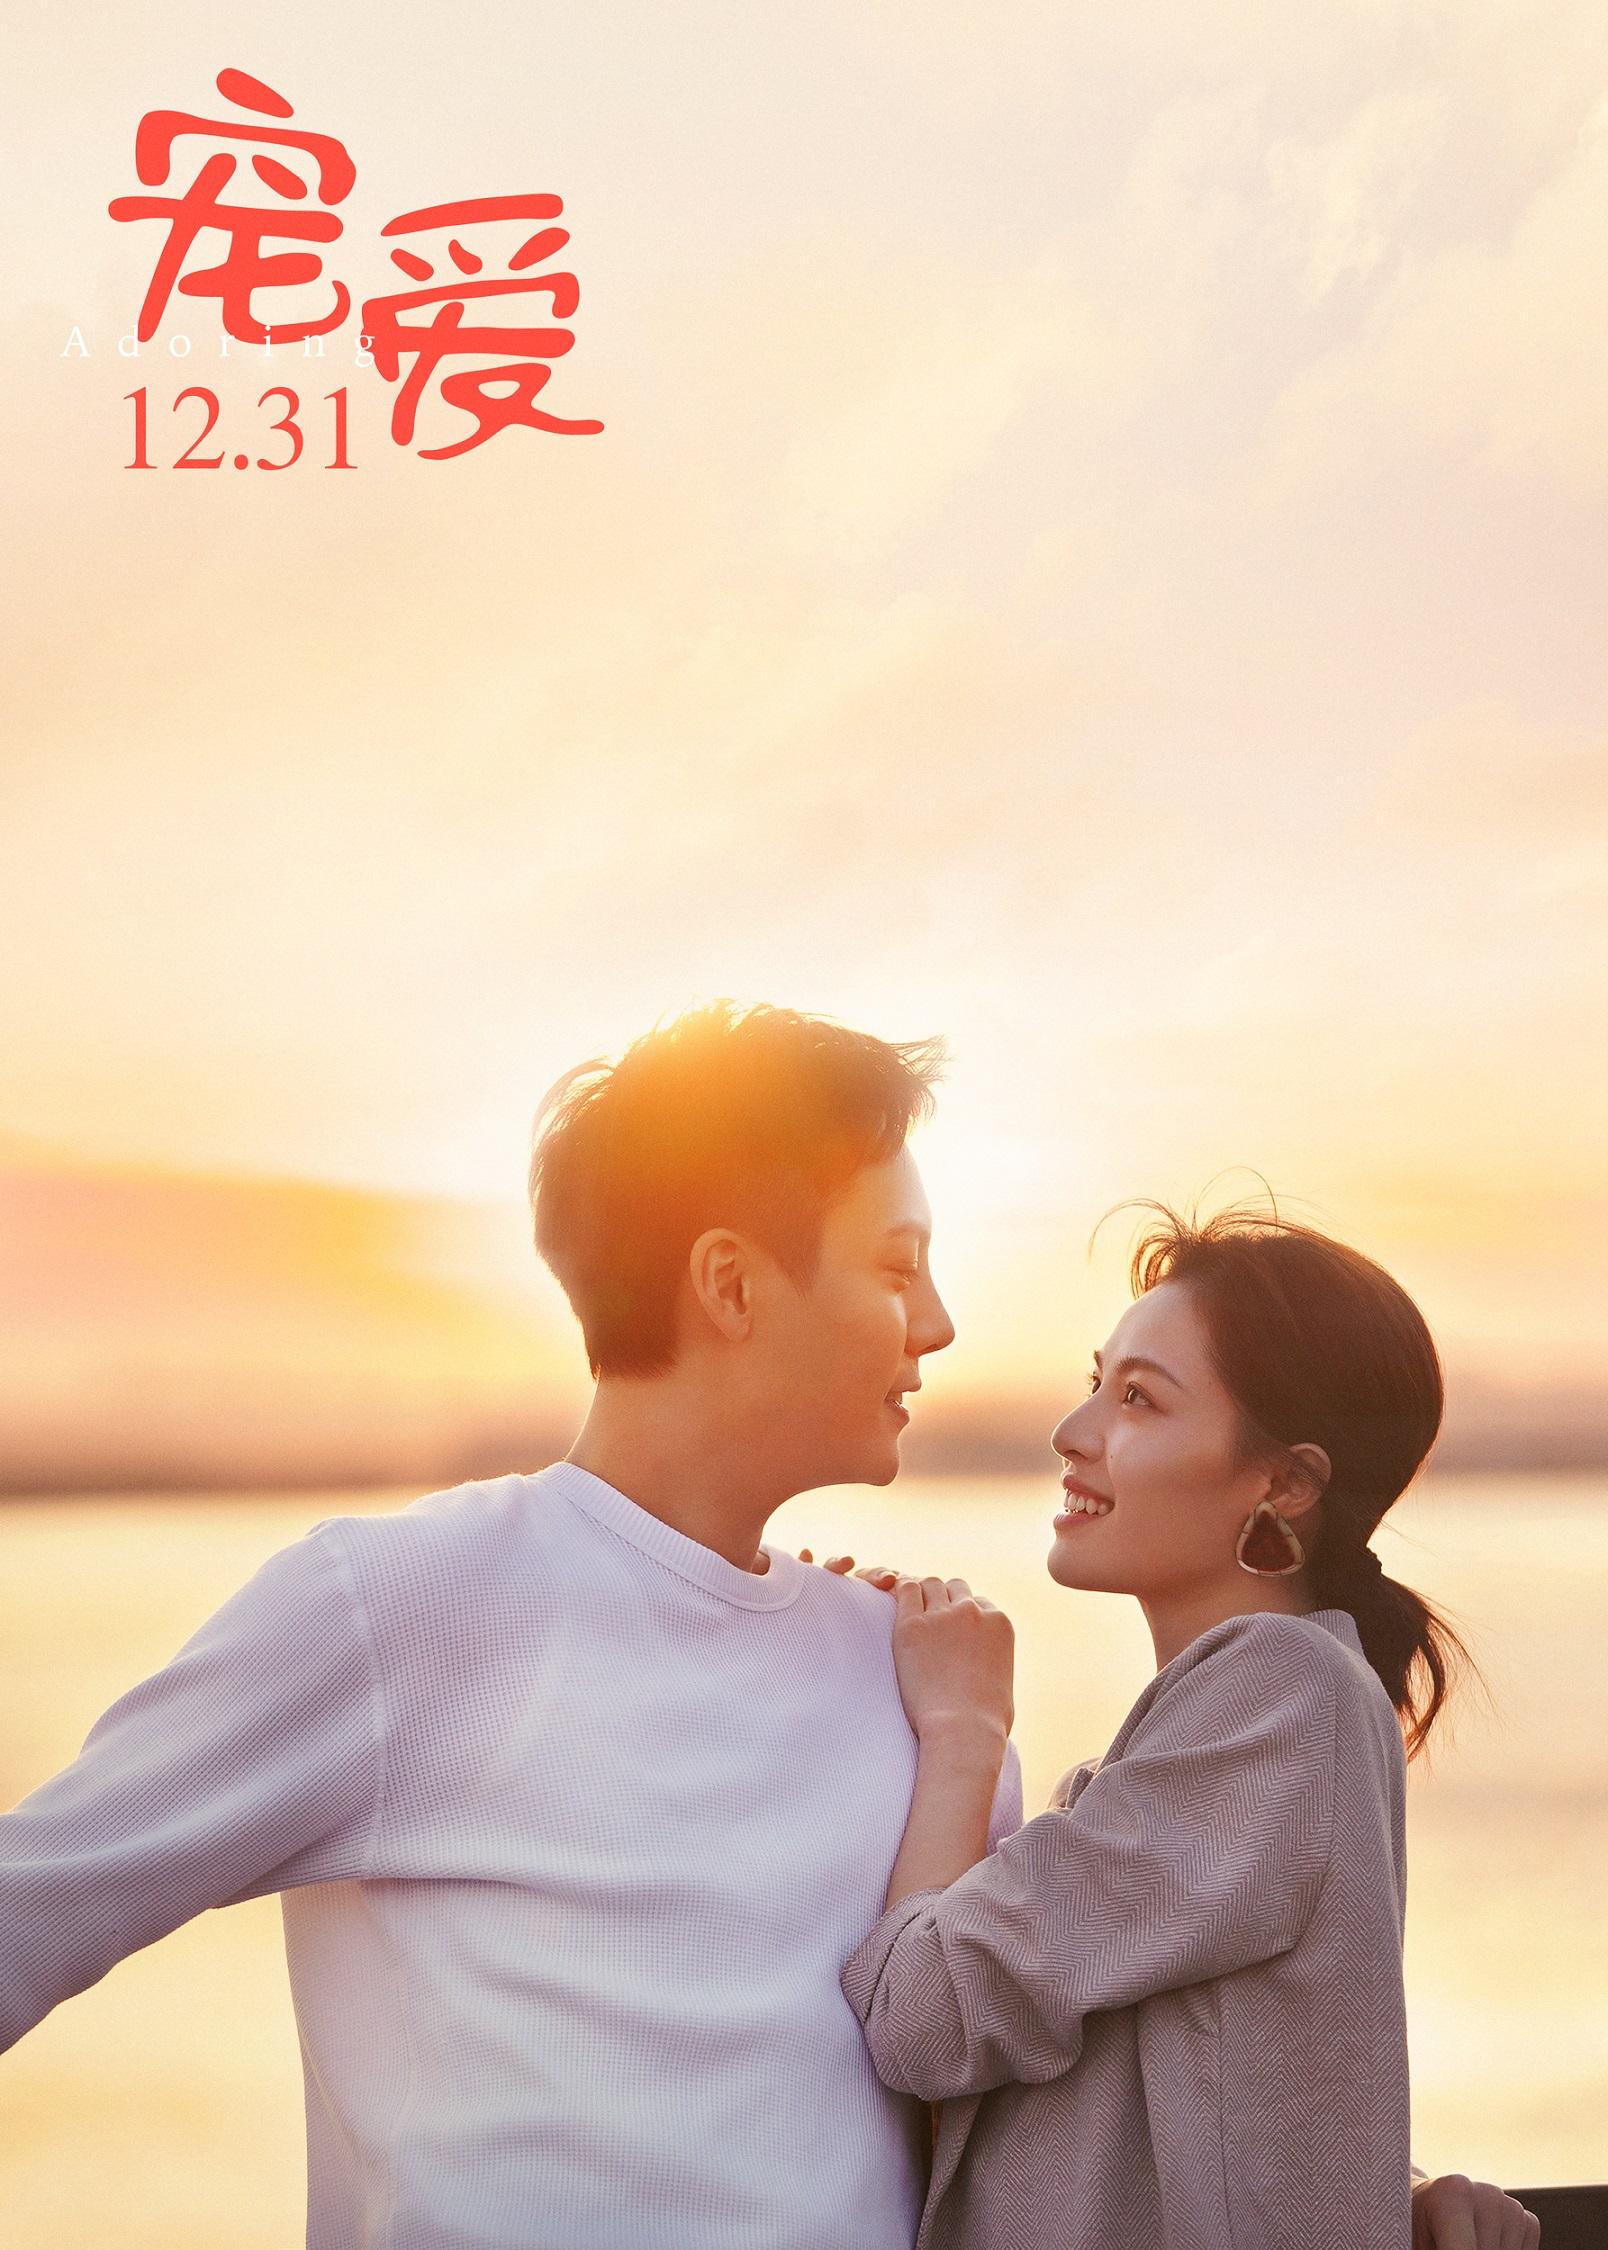 """陈伟霆电影《宠爱》预告曝光温暖诠释""""宠爱""""含义_角度"""